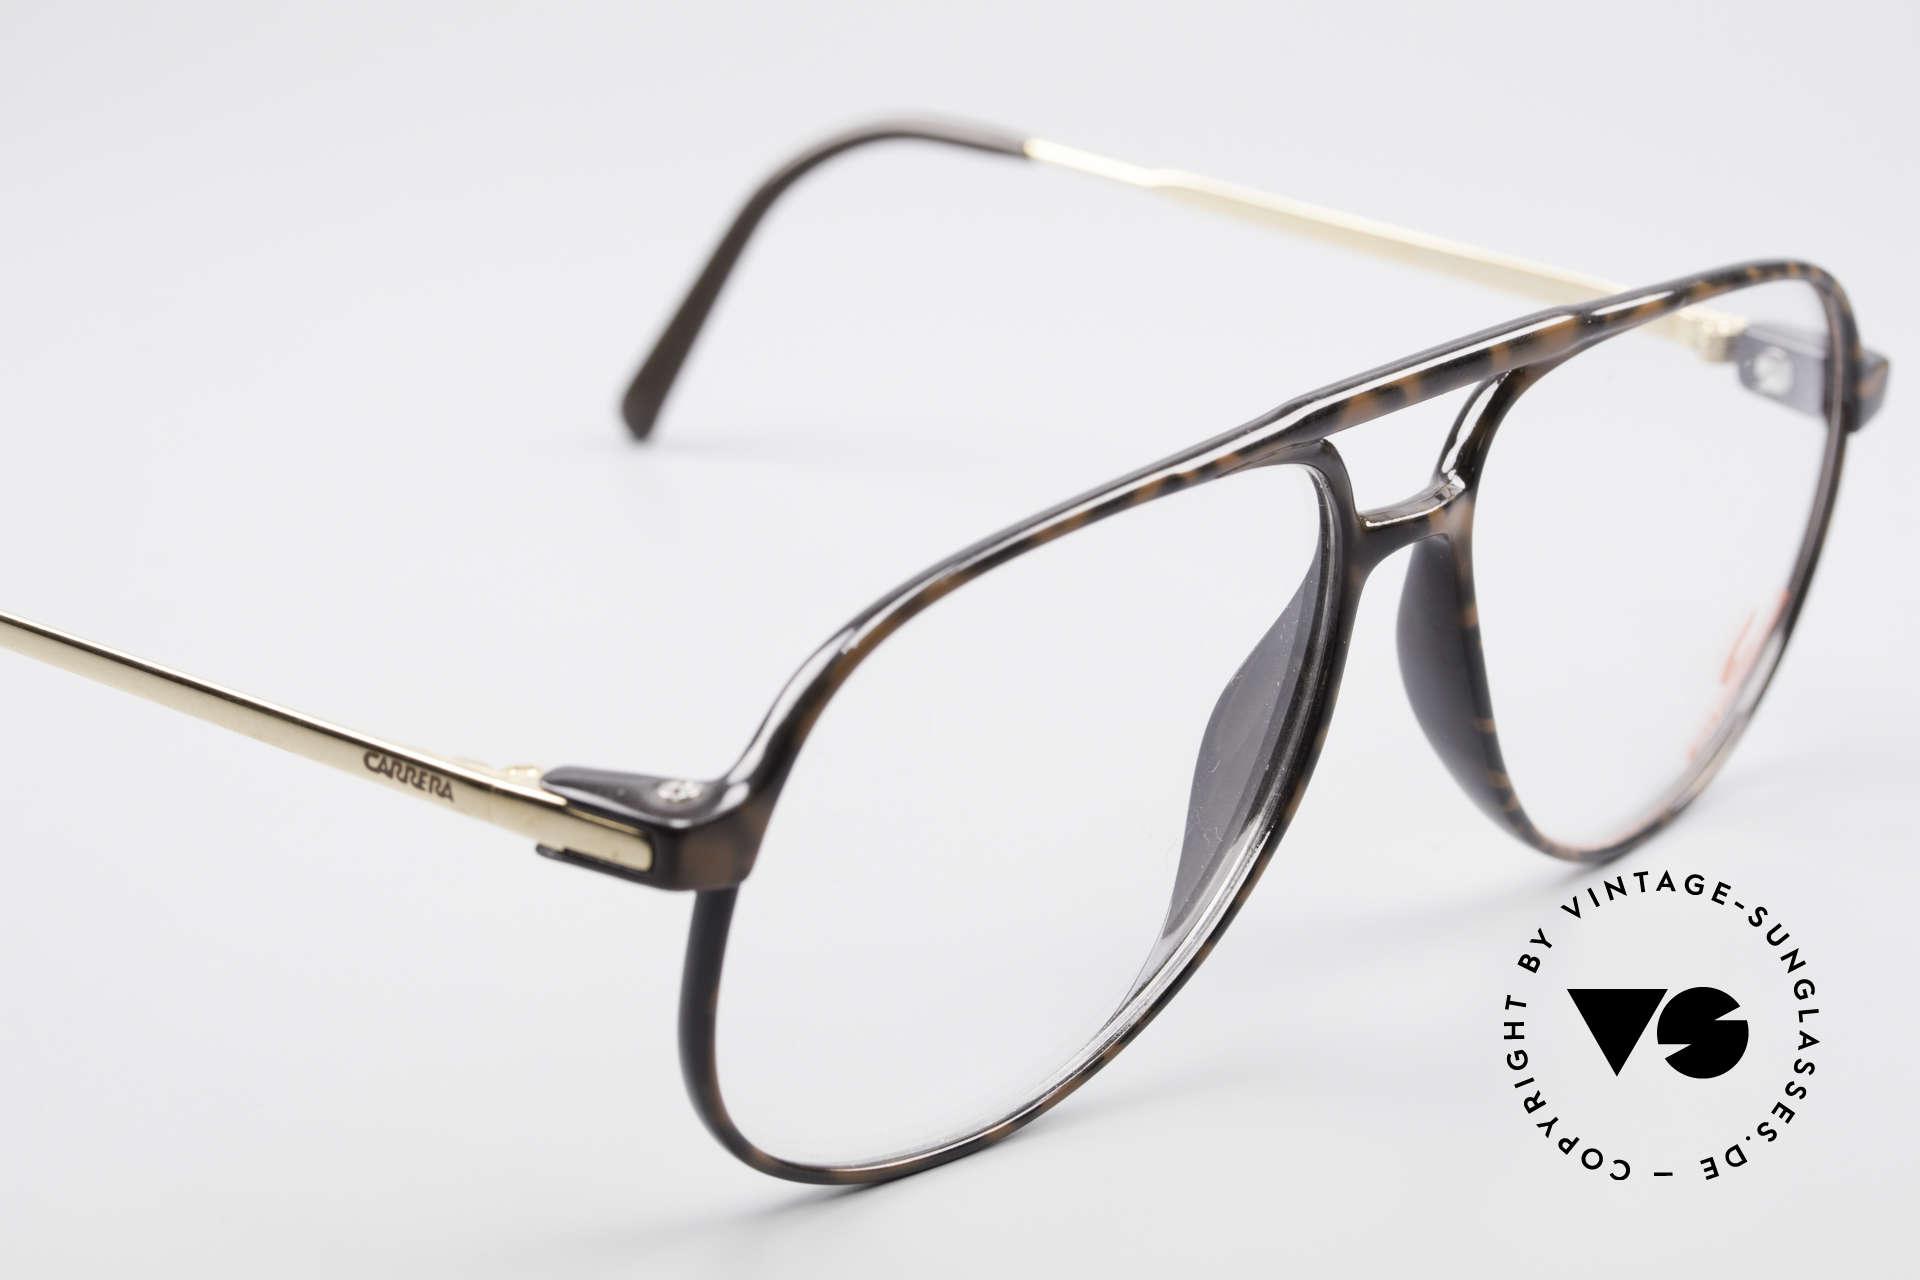 """Carrera 5355 Kohlefaser Vintage Brille 90er, elegante Kolorierung in einer Art """"kaffee-braun"""", Passend für Herren"""